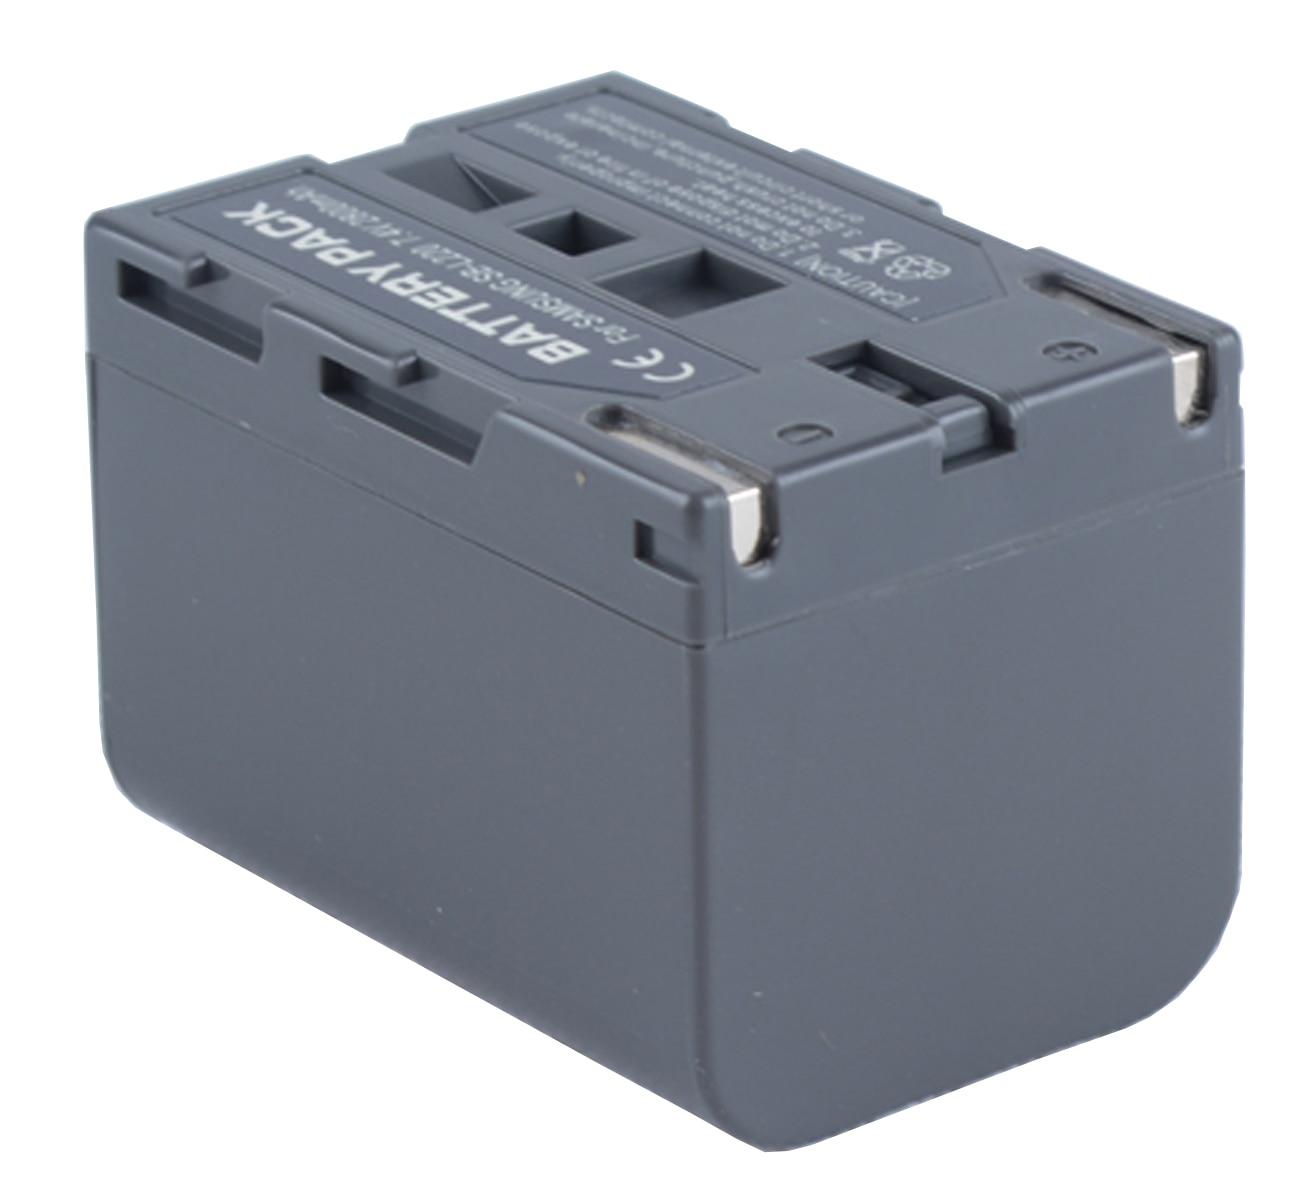 VP-D6040 Battery Pack for Samsung VP-D6050 VP-D6040i Digital Video Camcorder VP-D6050i